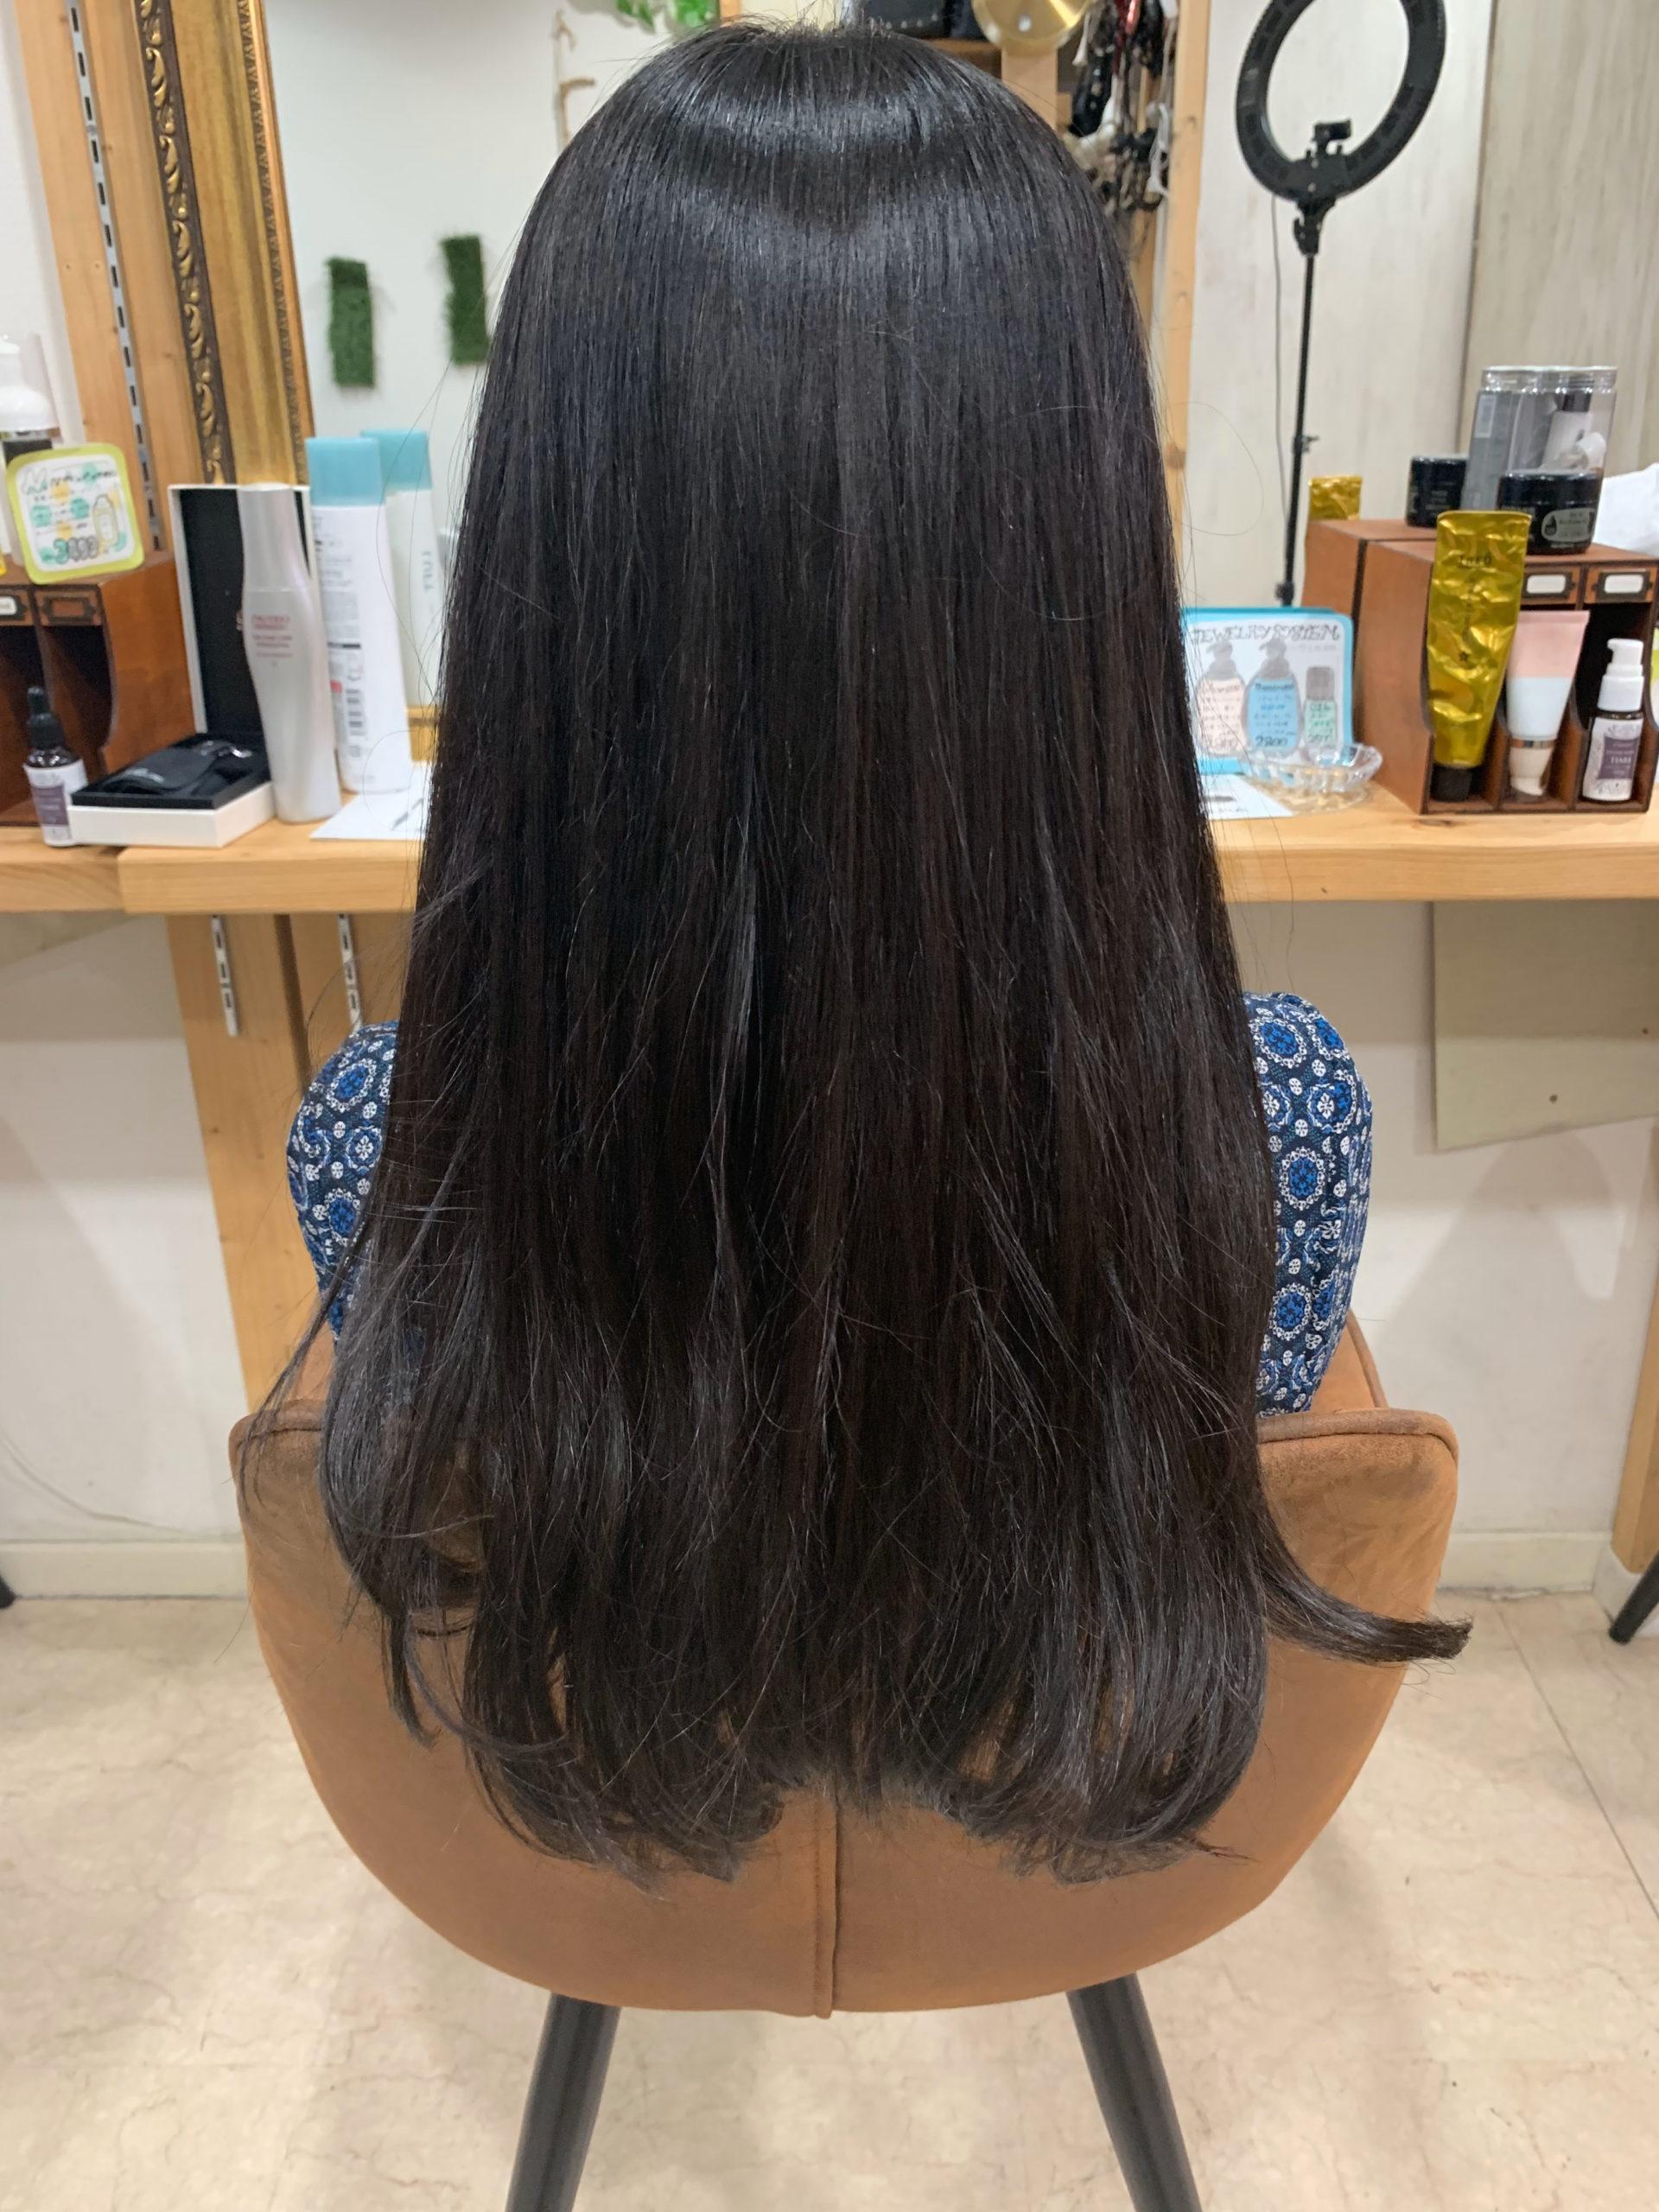 ジュエリーシステム×LULUトリートメント×縮毛矯正でつやっつやの艶髪。原宿・表参道『髪のお悩みを解決するヘアケア美容師の挑戦』